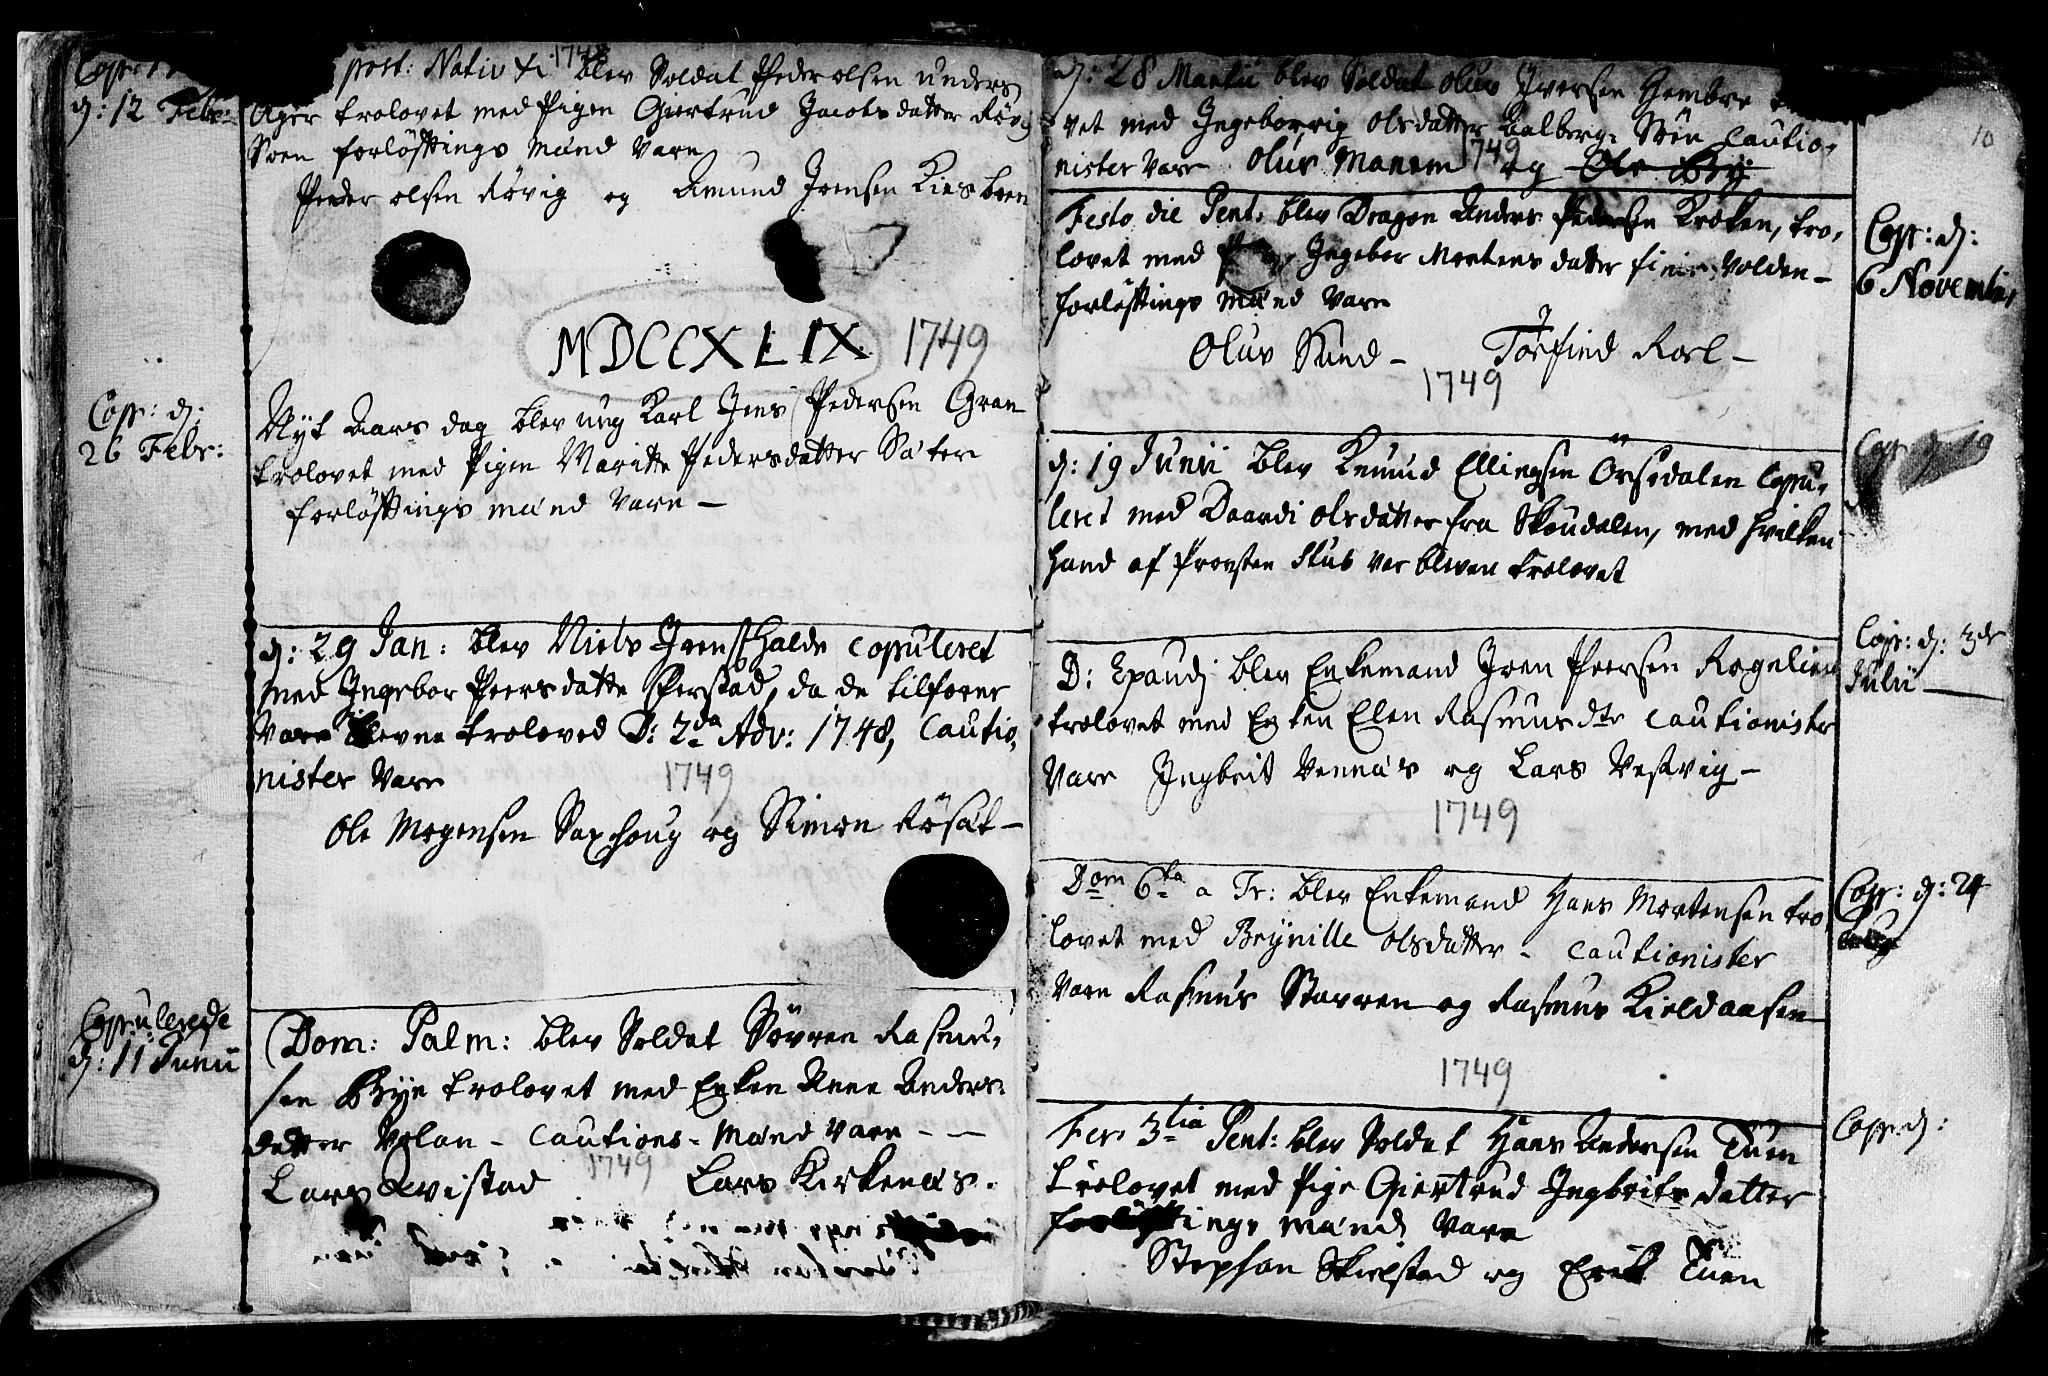 SAT, Ministerialprotokoller, klokkerbøker og fødselsregistre - Nord-Trøndelag, 730/L0272: Ministerialbok nr. 730A01, 1733-1764, s. 10